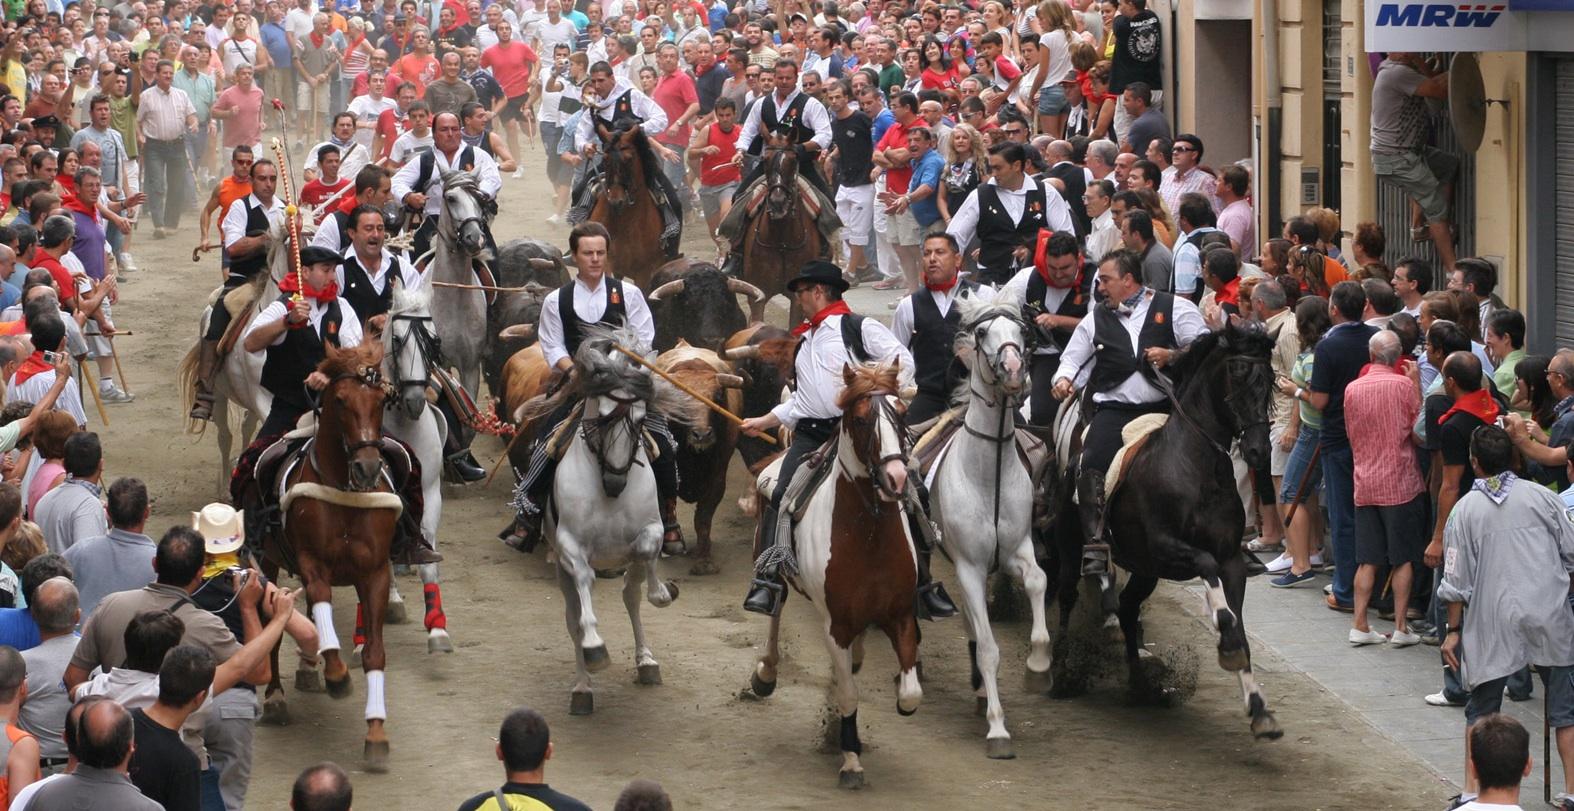 La Entrada de Toros y Caballos de Segorbe, Fiesta de Interés Turístico Internacional